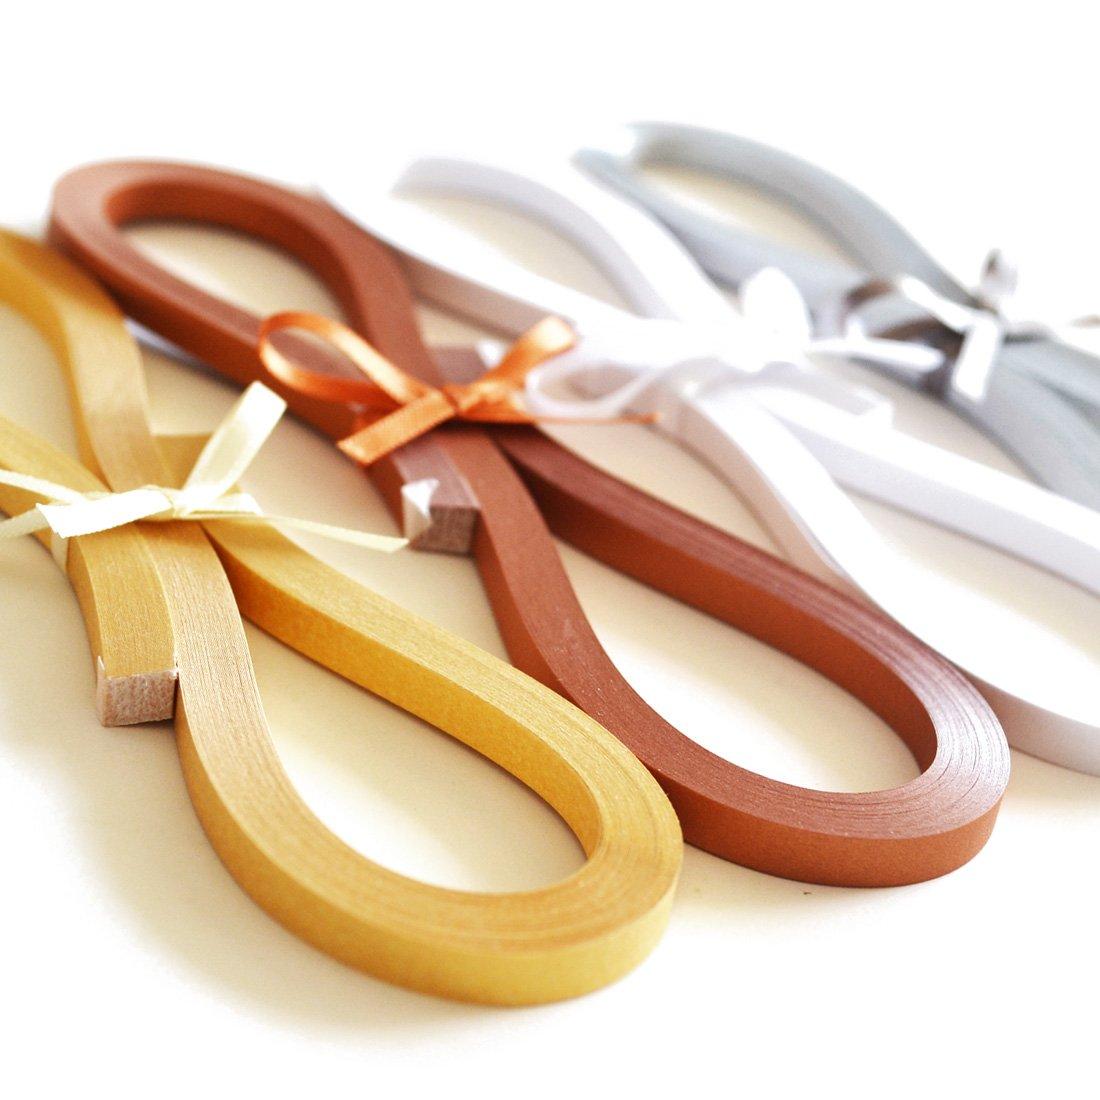 Juya Metallic-Papier Quilling Set 160 Streifen 4 Farben 355mm L/änge//Streifen Papierbreite 3mm